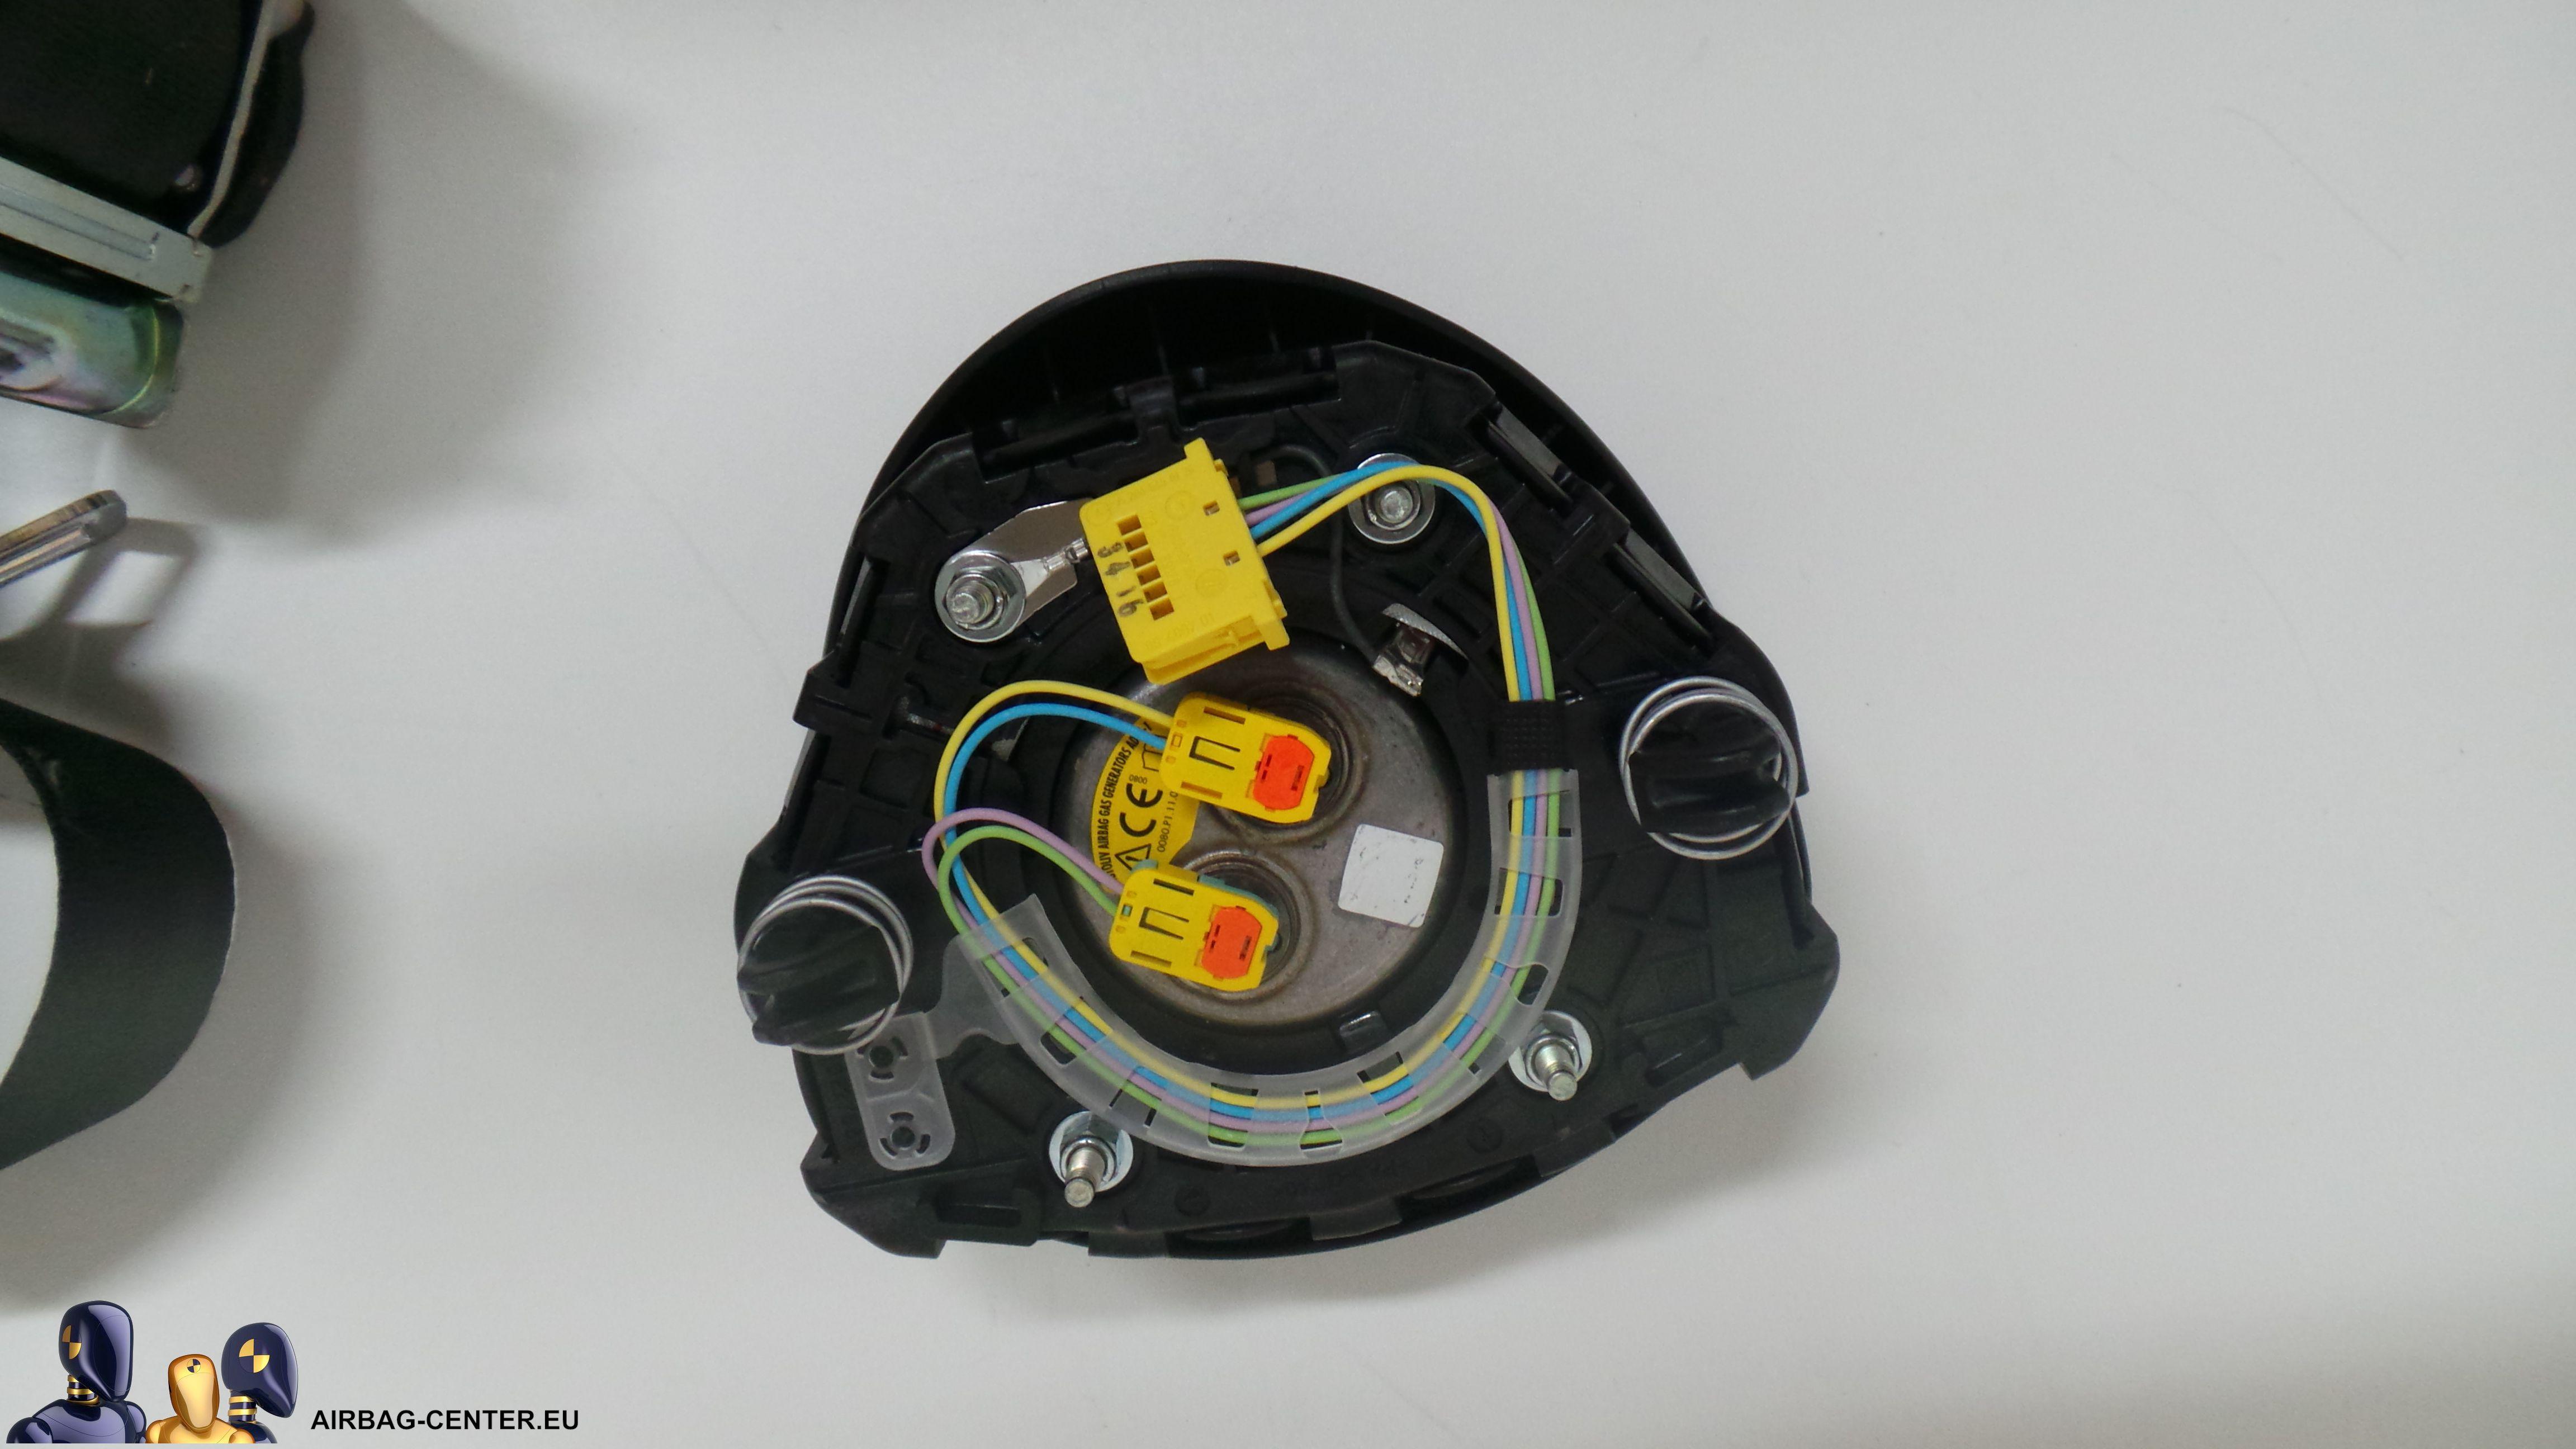 Tremendous Airbags Mercedes Viano 447 Tourer Online Kaufen Wiring Digital Resources Otenewoestevosnl